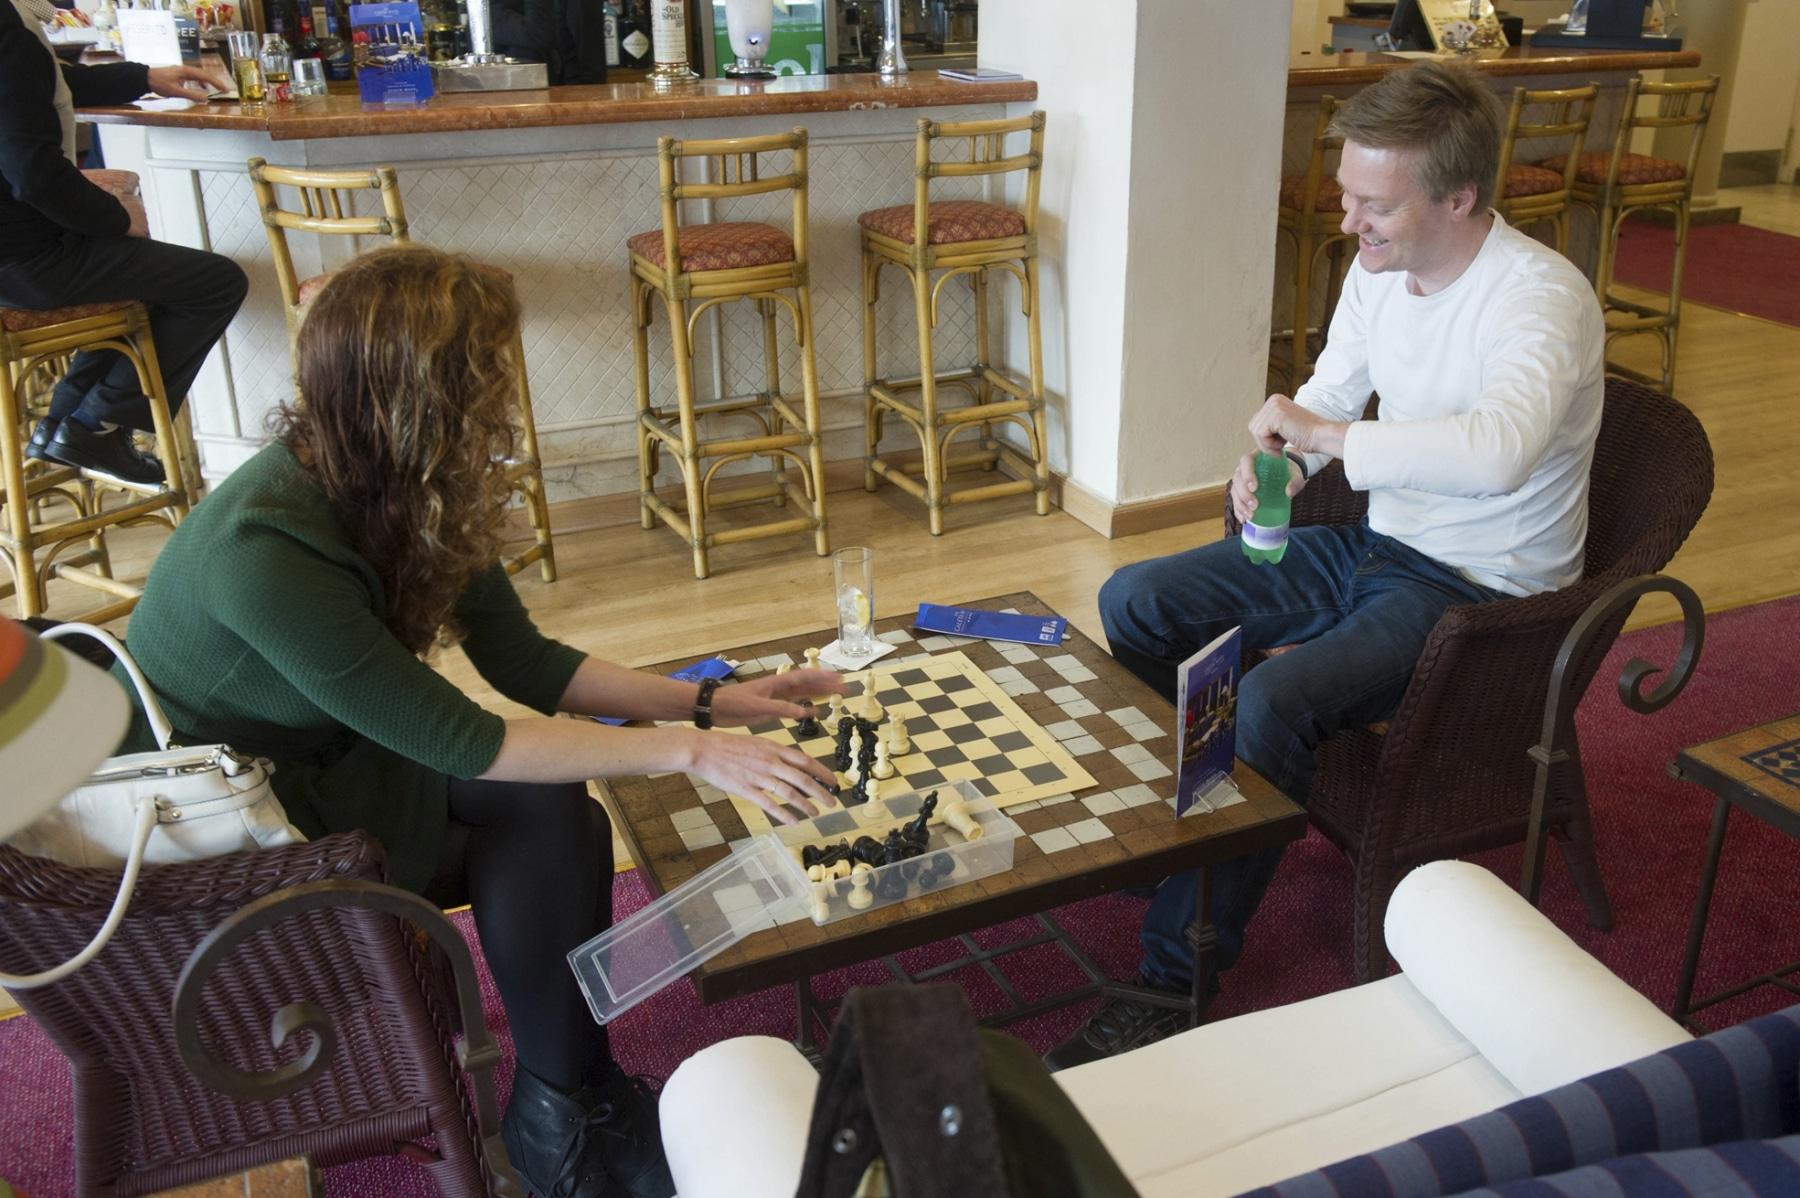 tradewise-chess-festival-entrevistas-y-ambiente19_12249057895_o